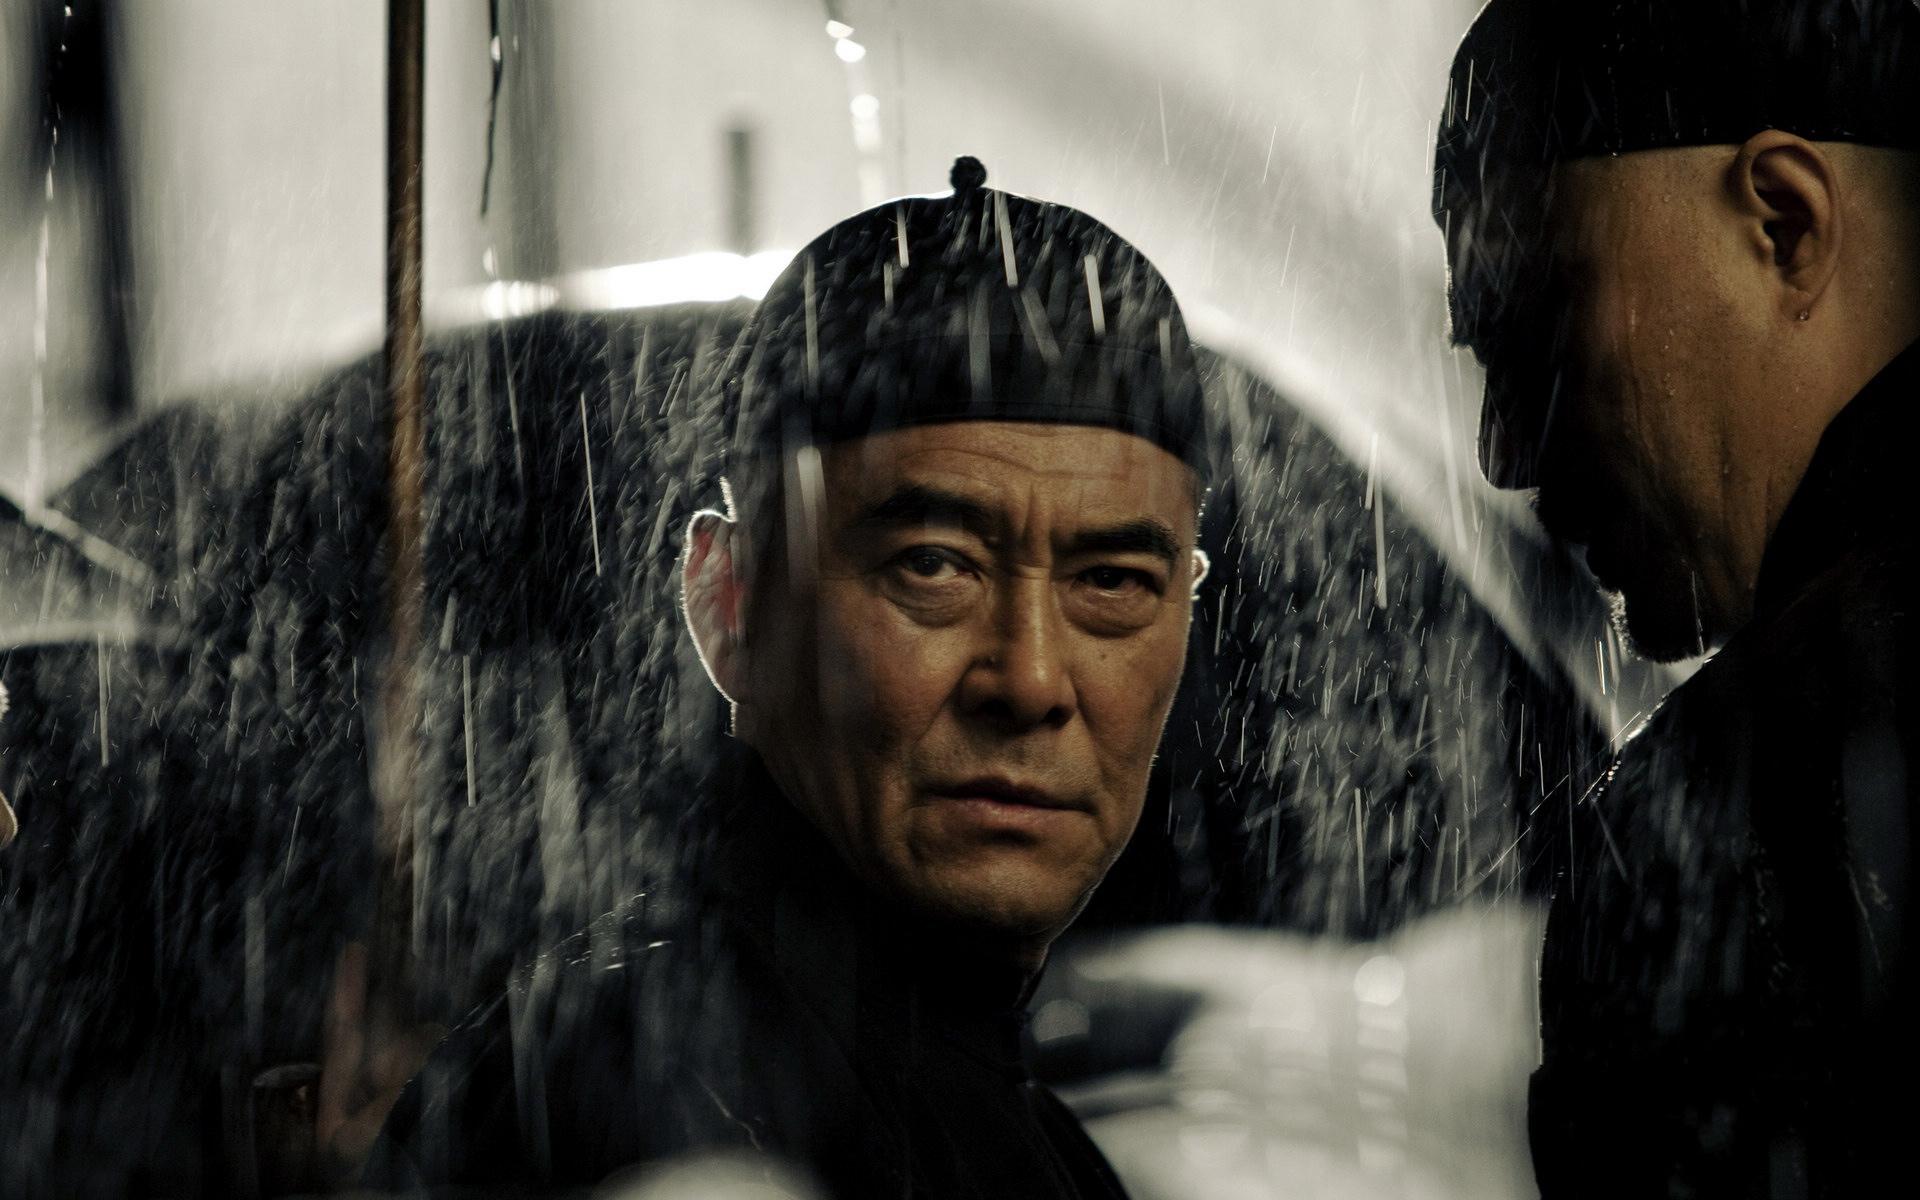 片中大上海人物亦中亦外卻不見土味,各有方言而溝通融洽,這不就是很「香港」嗎?